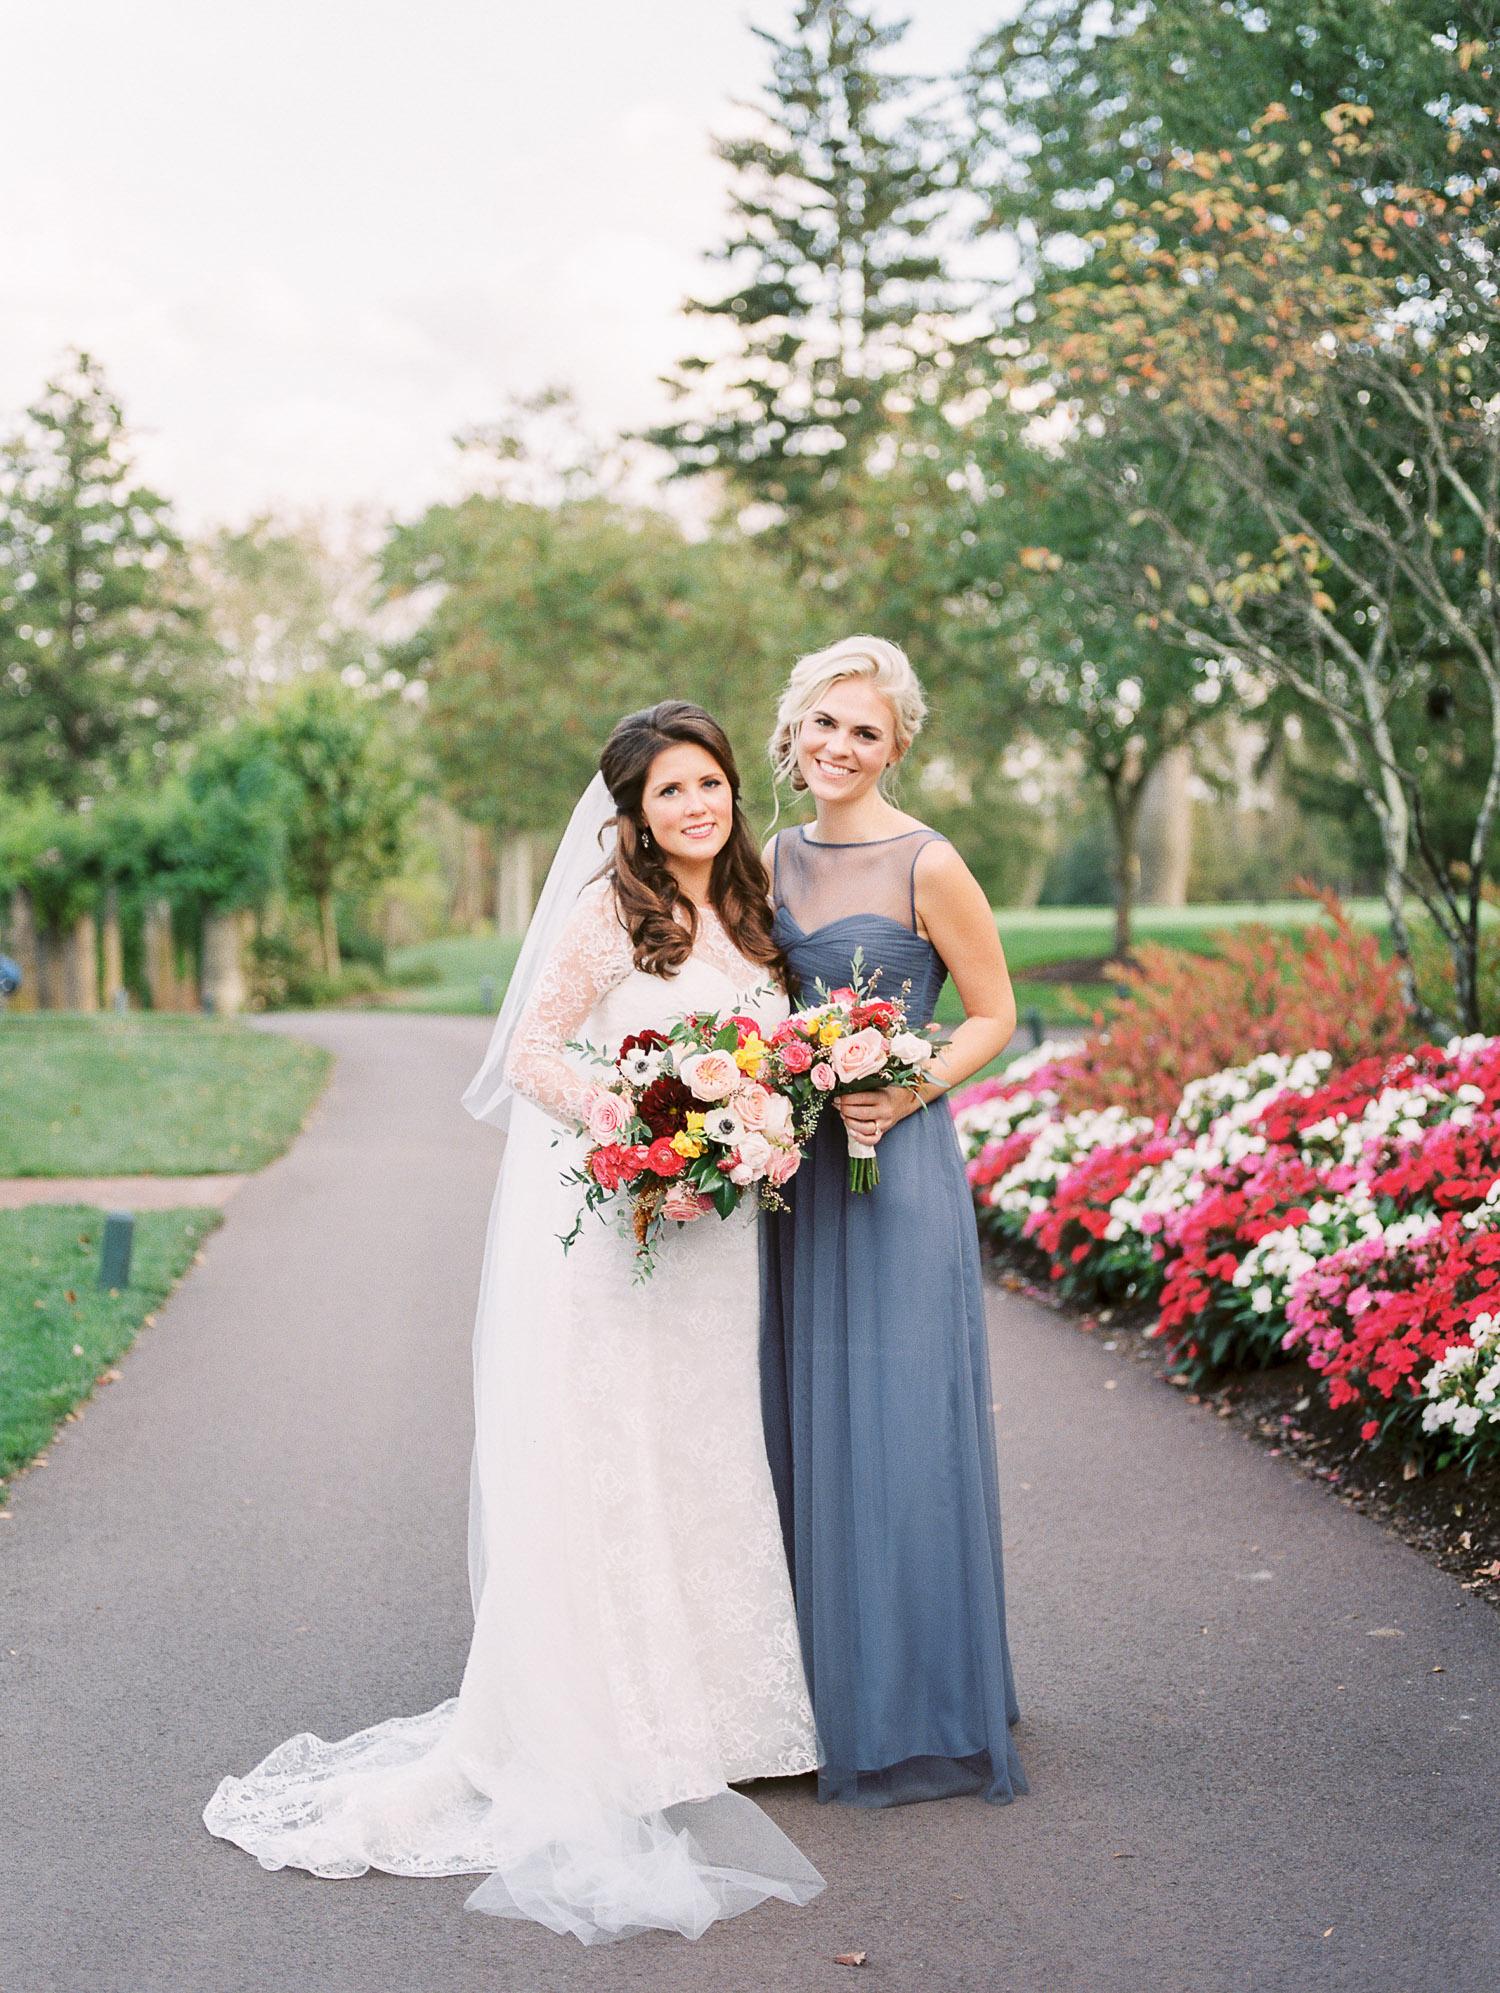 20171113_du_soleil_photographie_erin_charlie_wedding_wedding_party-88